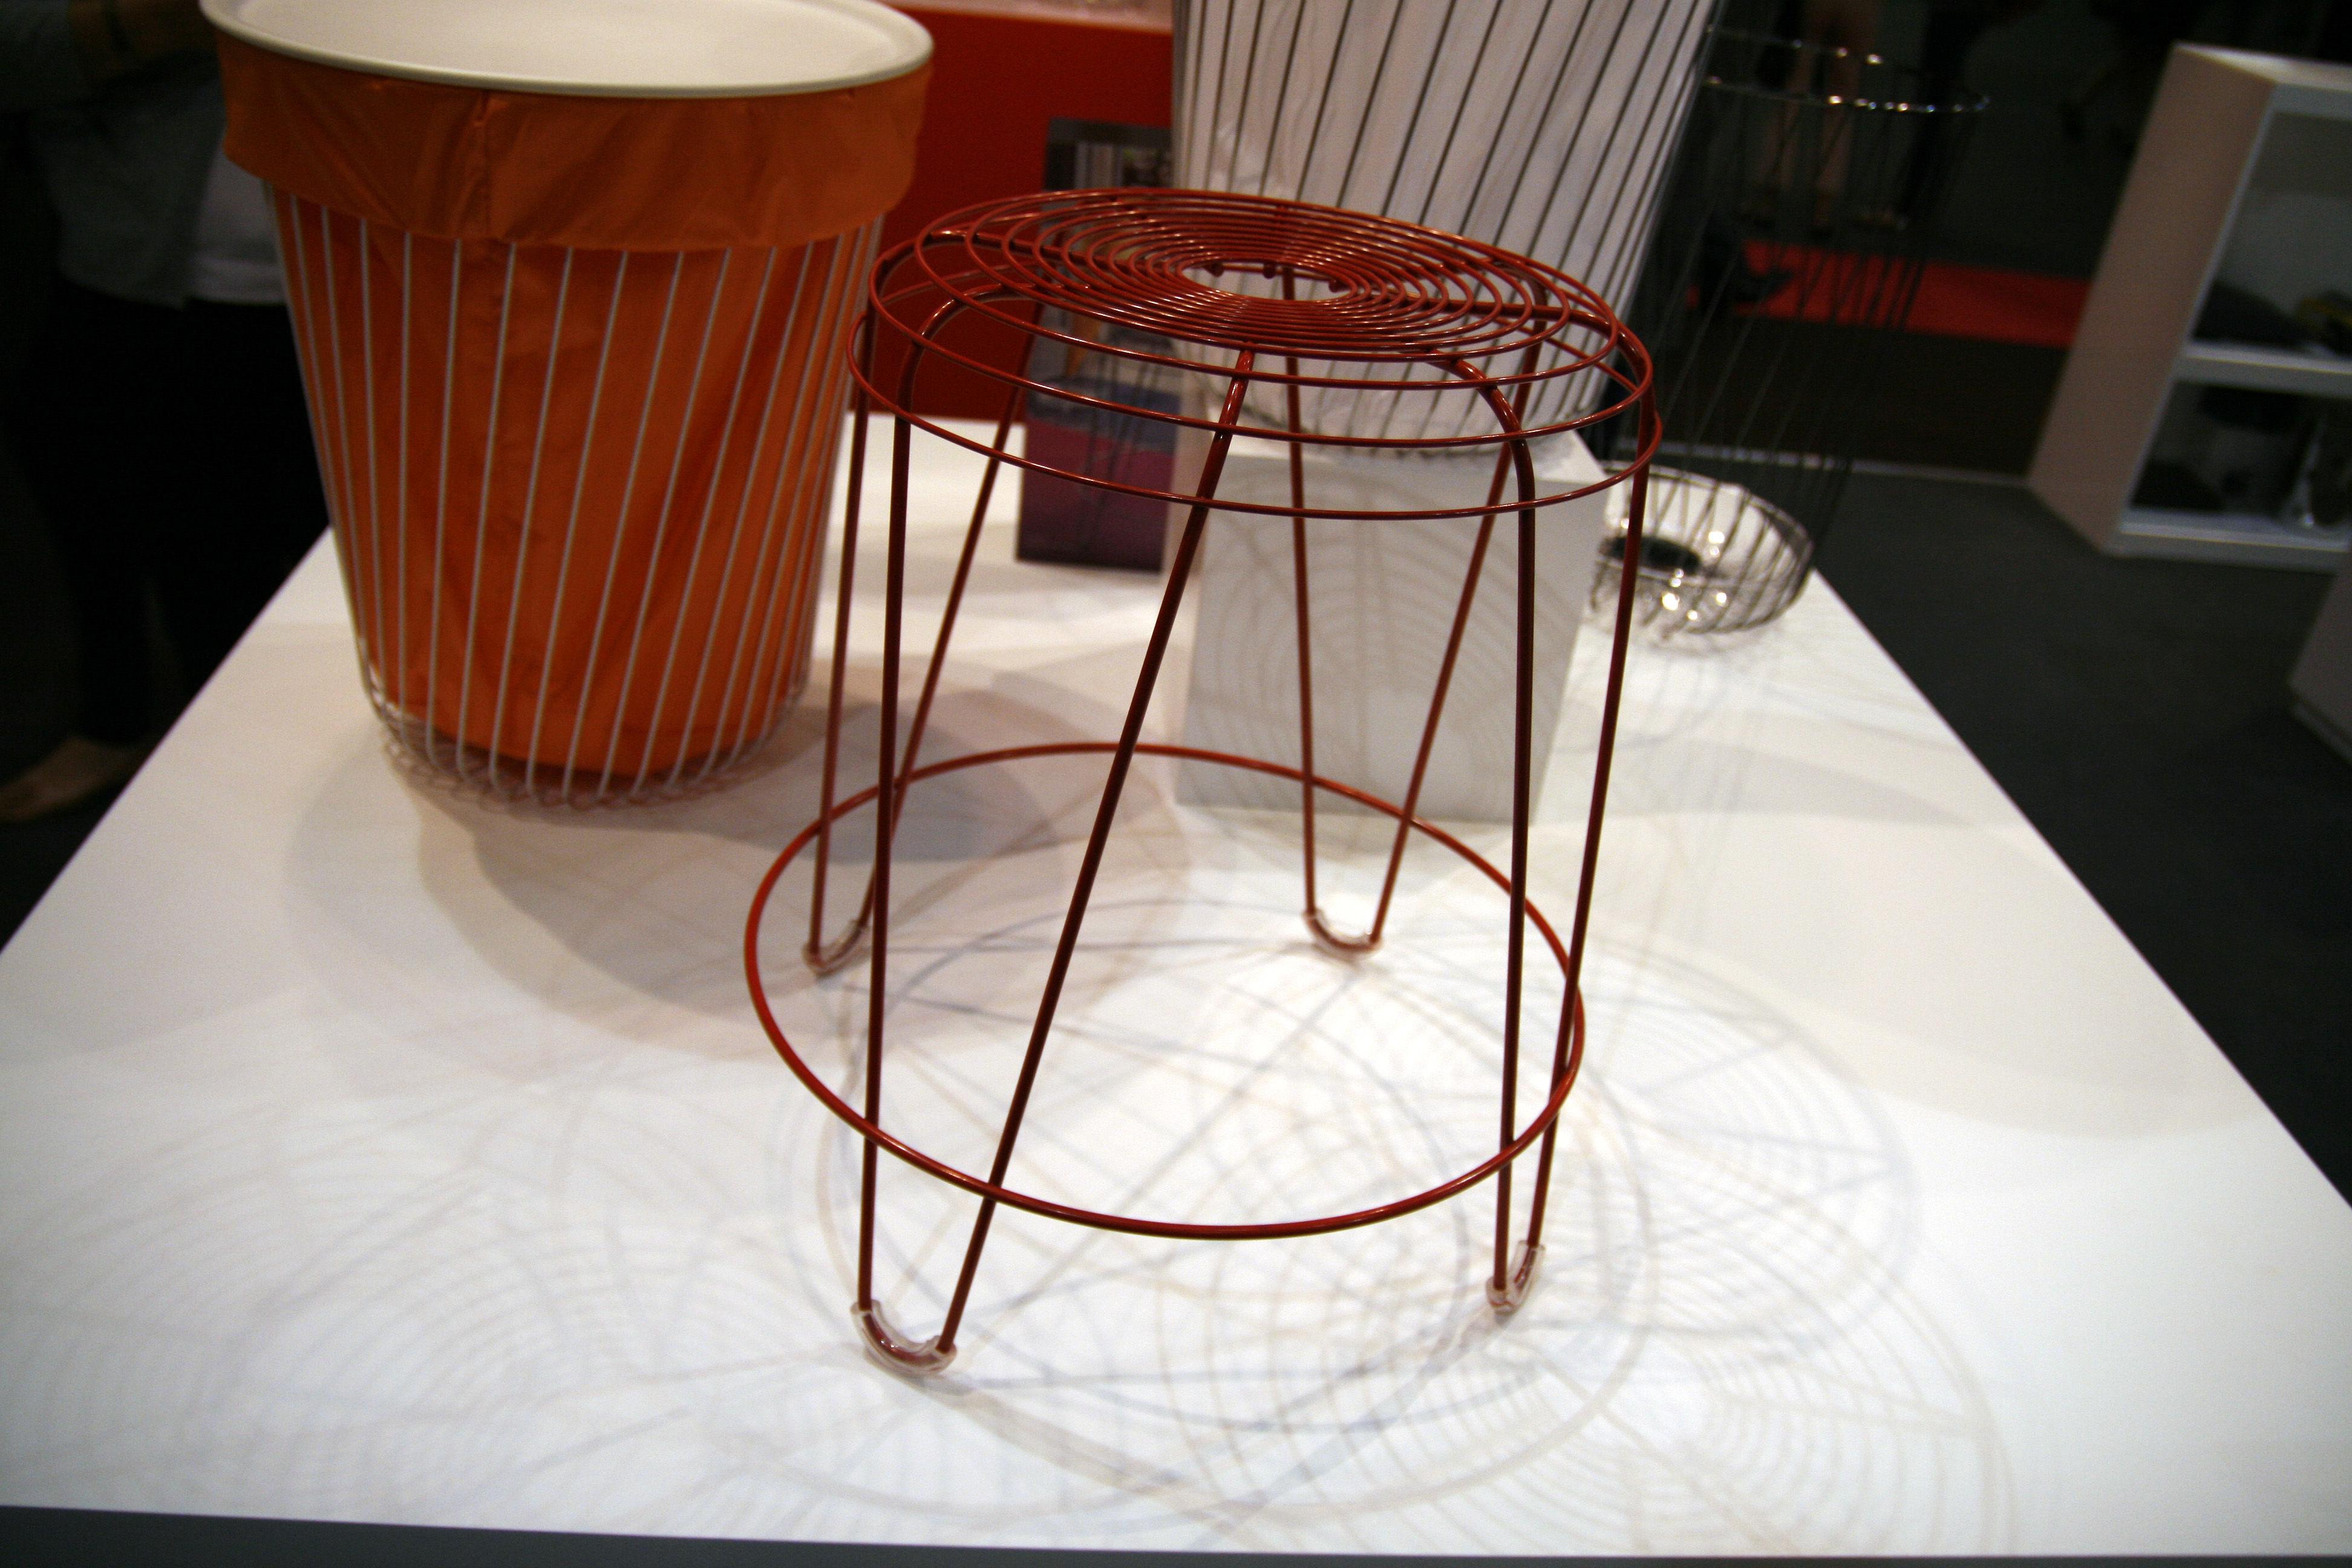 Sgabelli mobili e accessori per la casa in trentino alto adige